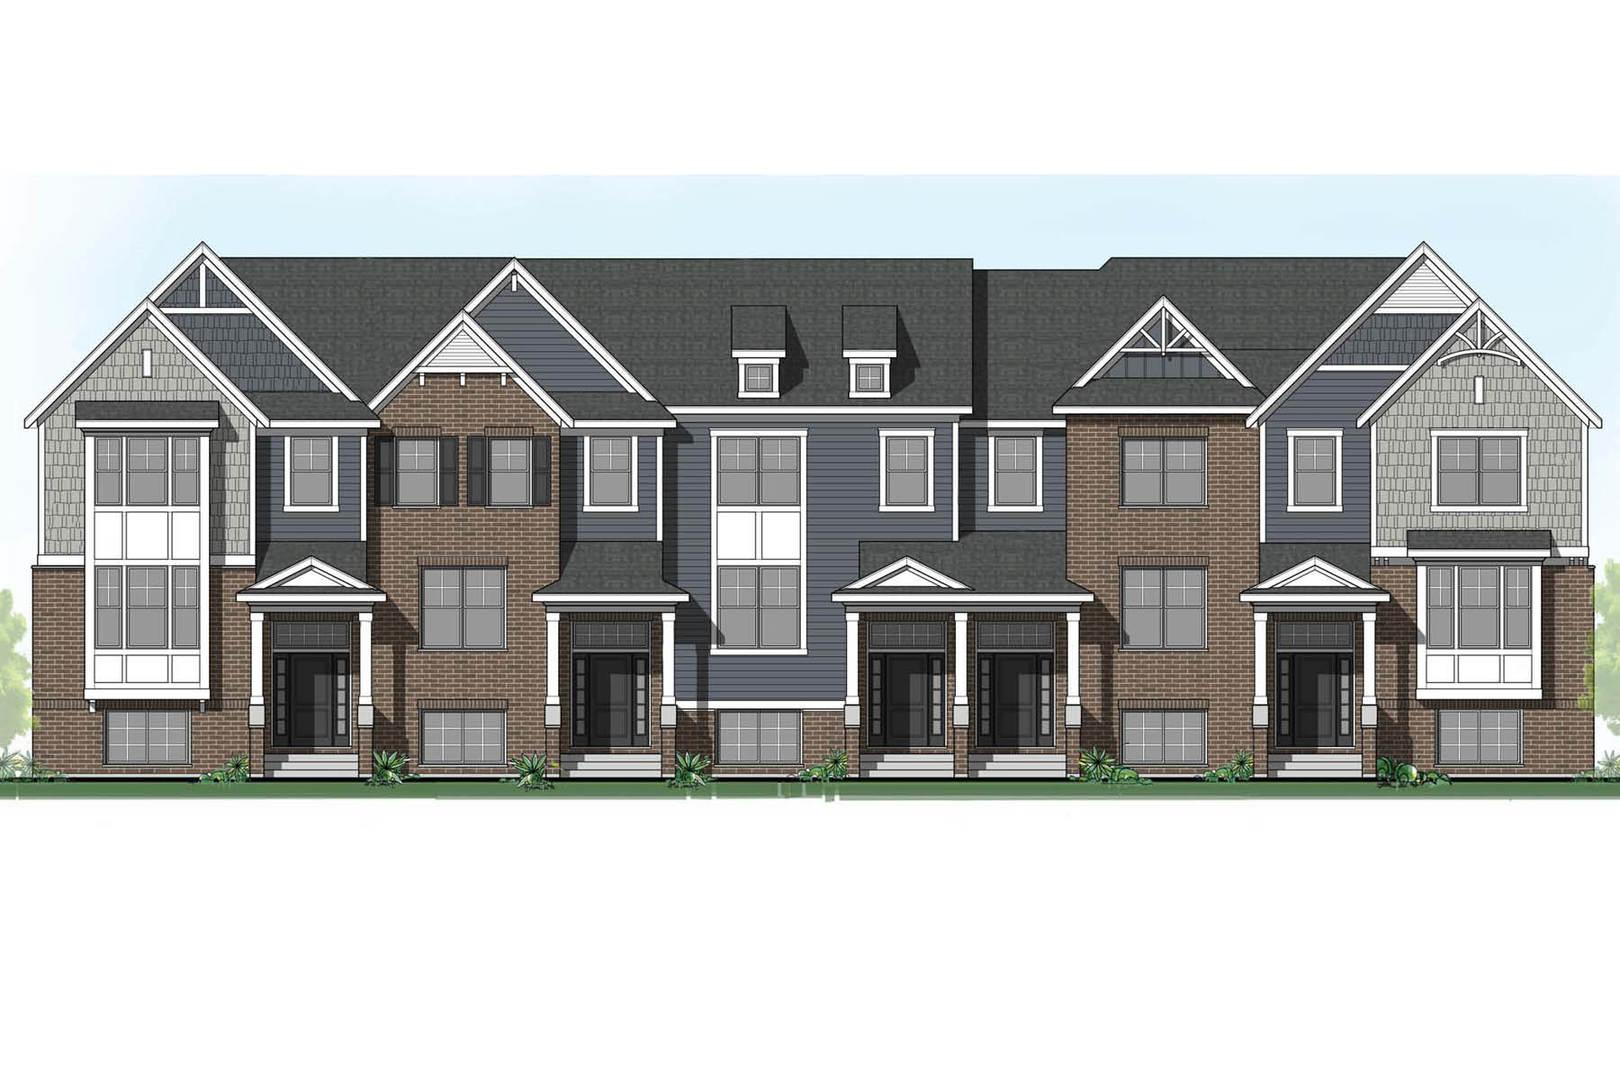 449 Ashley Lot 14.04 ,La Grange, Illinois 60525